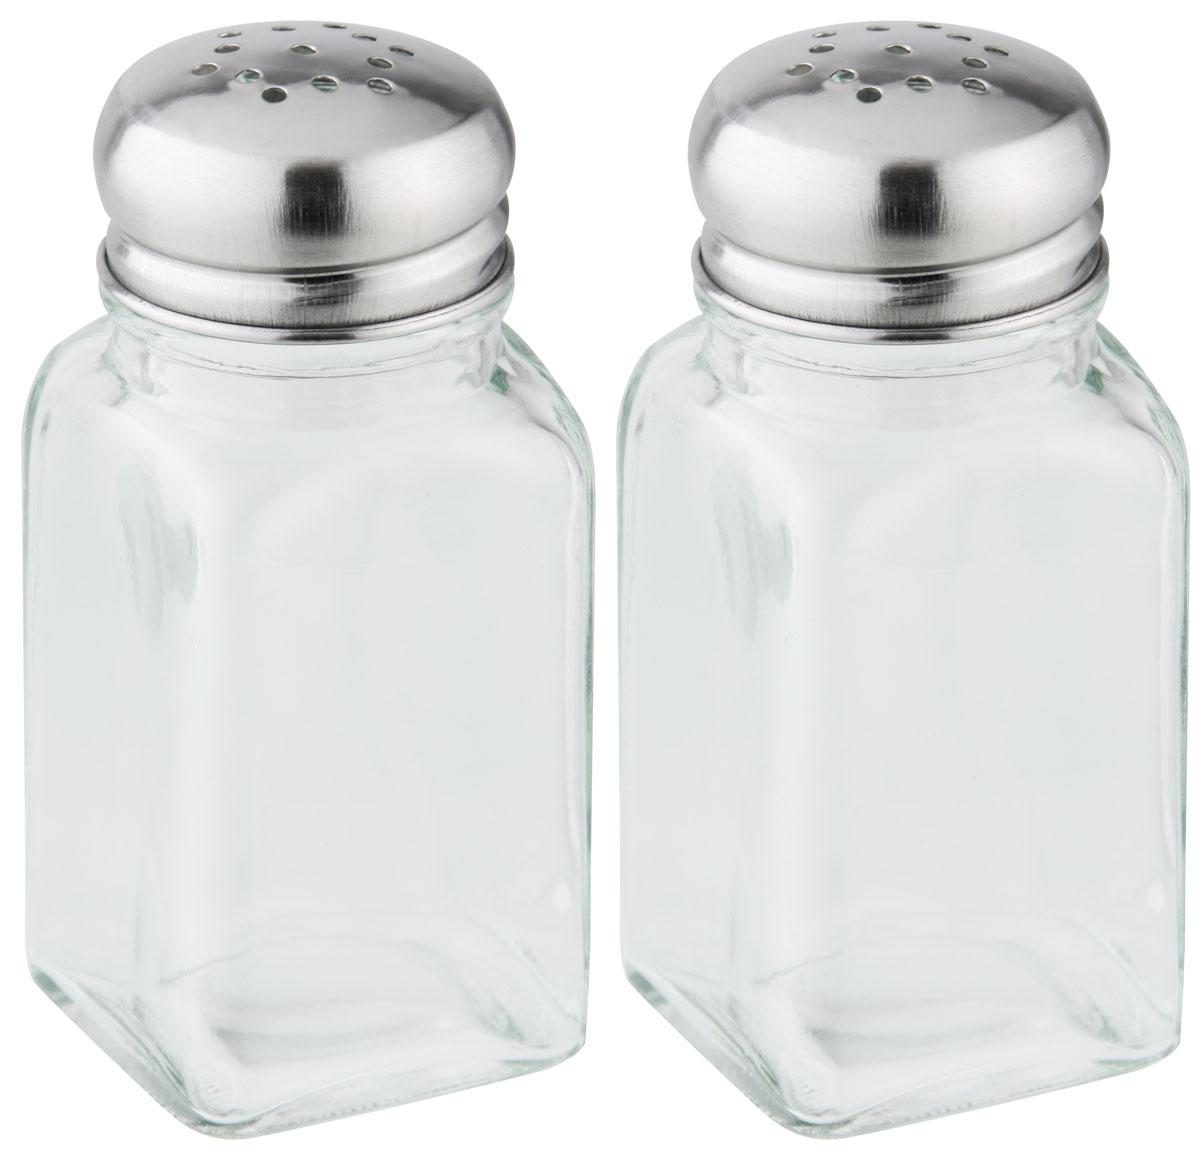 Набор для соли и перца Fackelmann, 2 предмета